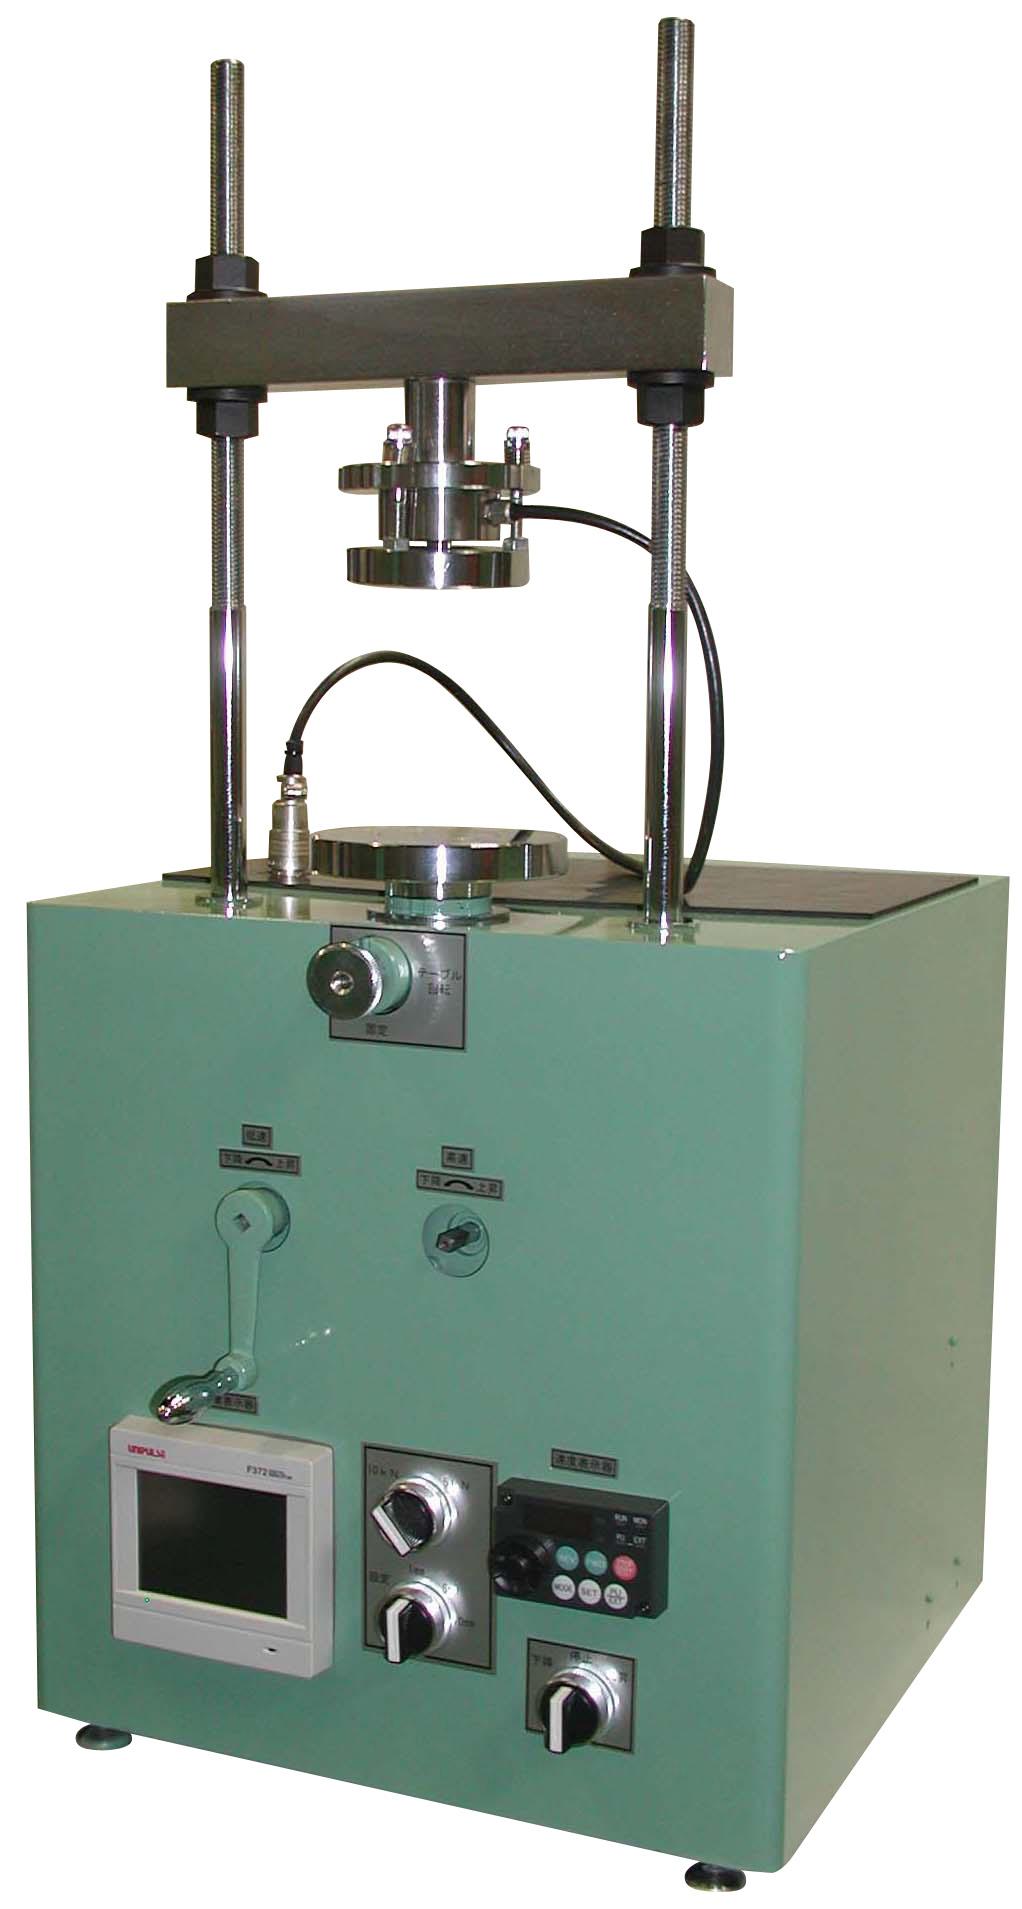 電動式一軸圧縮試験機 切替能力 5000N 2500N 1000N 500N